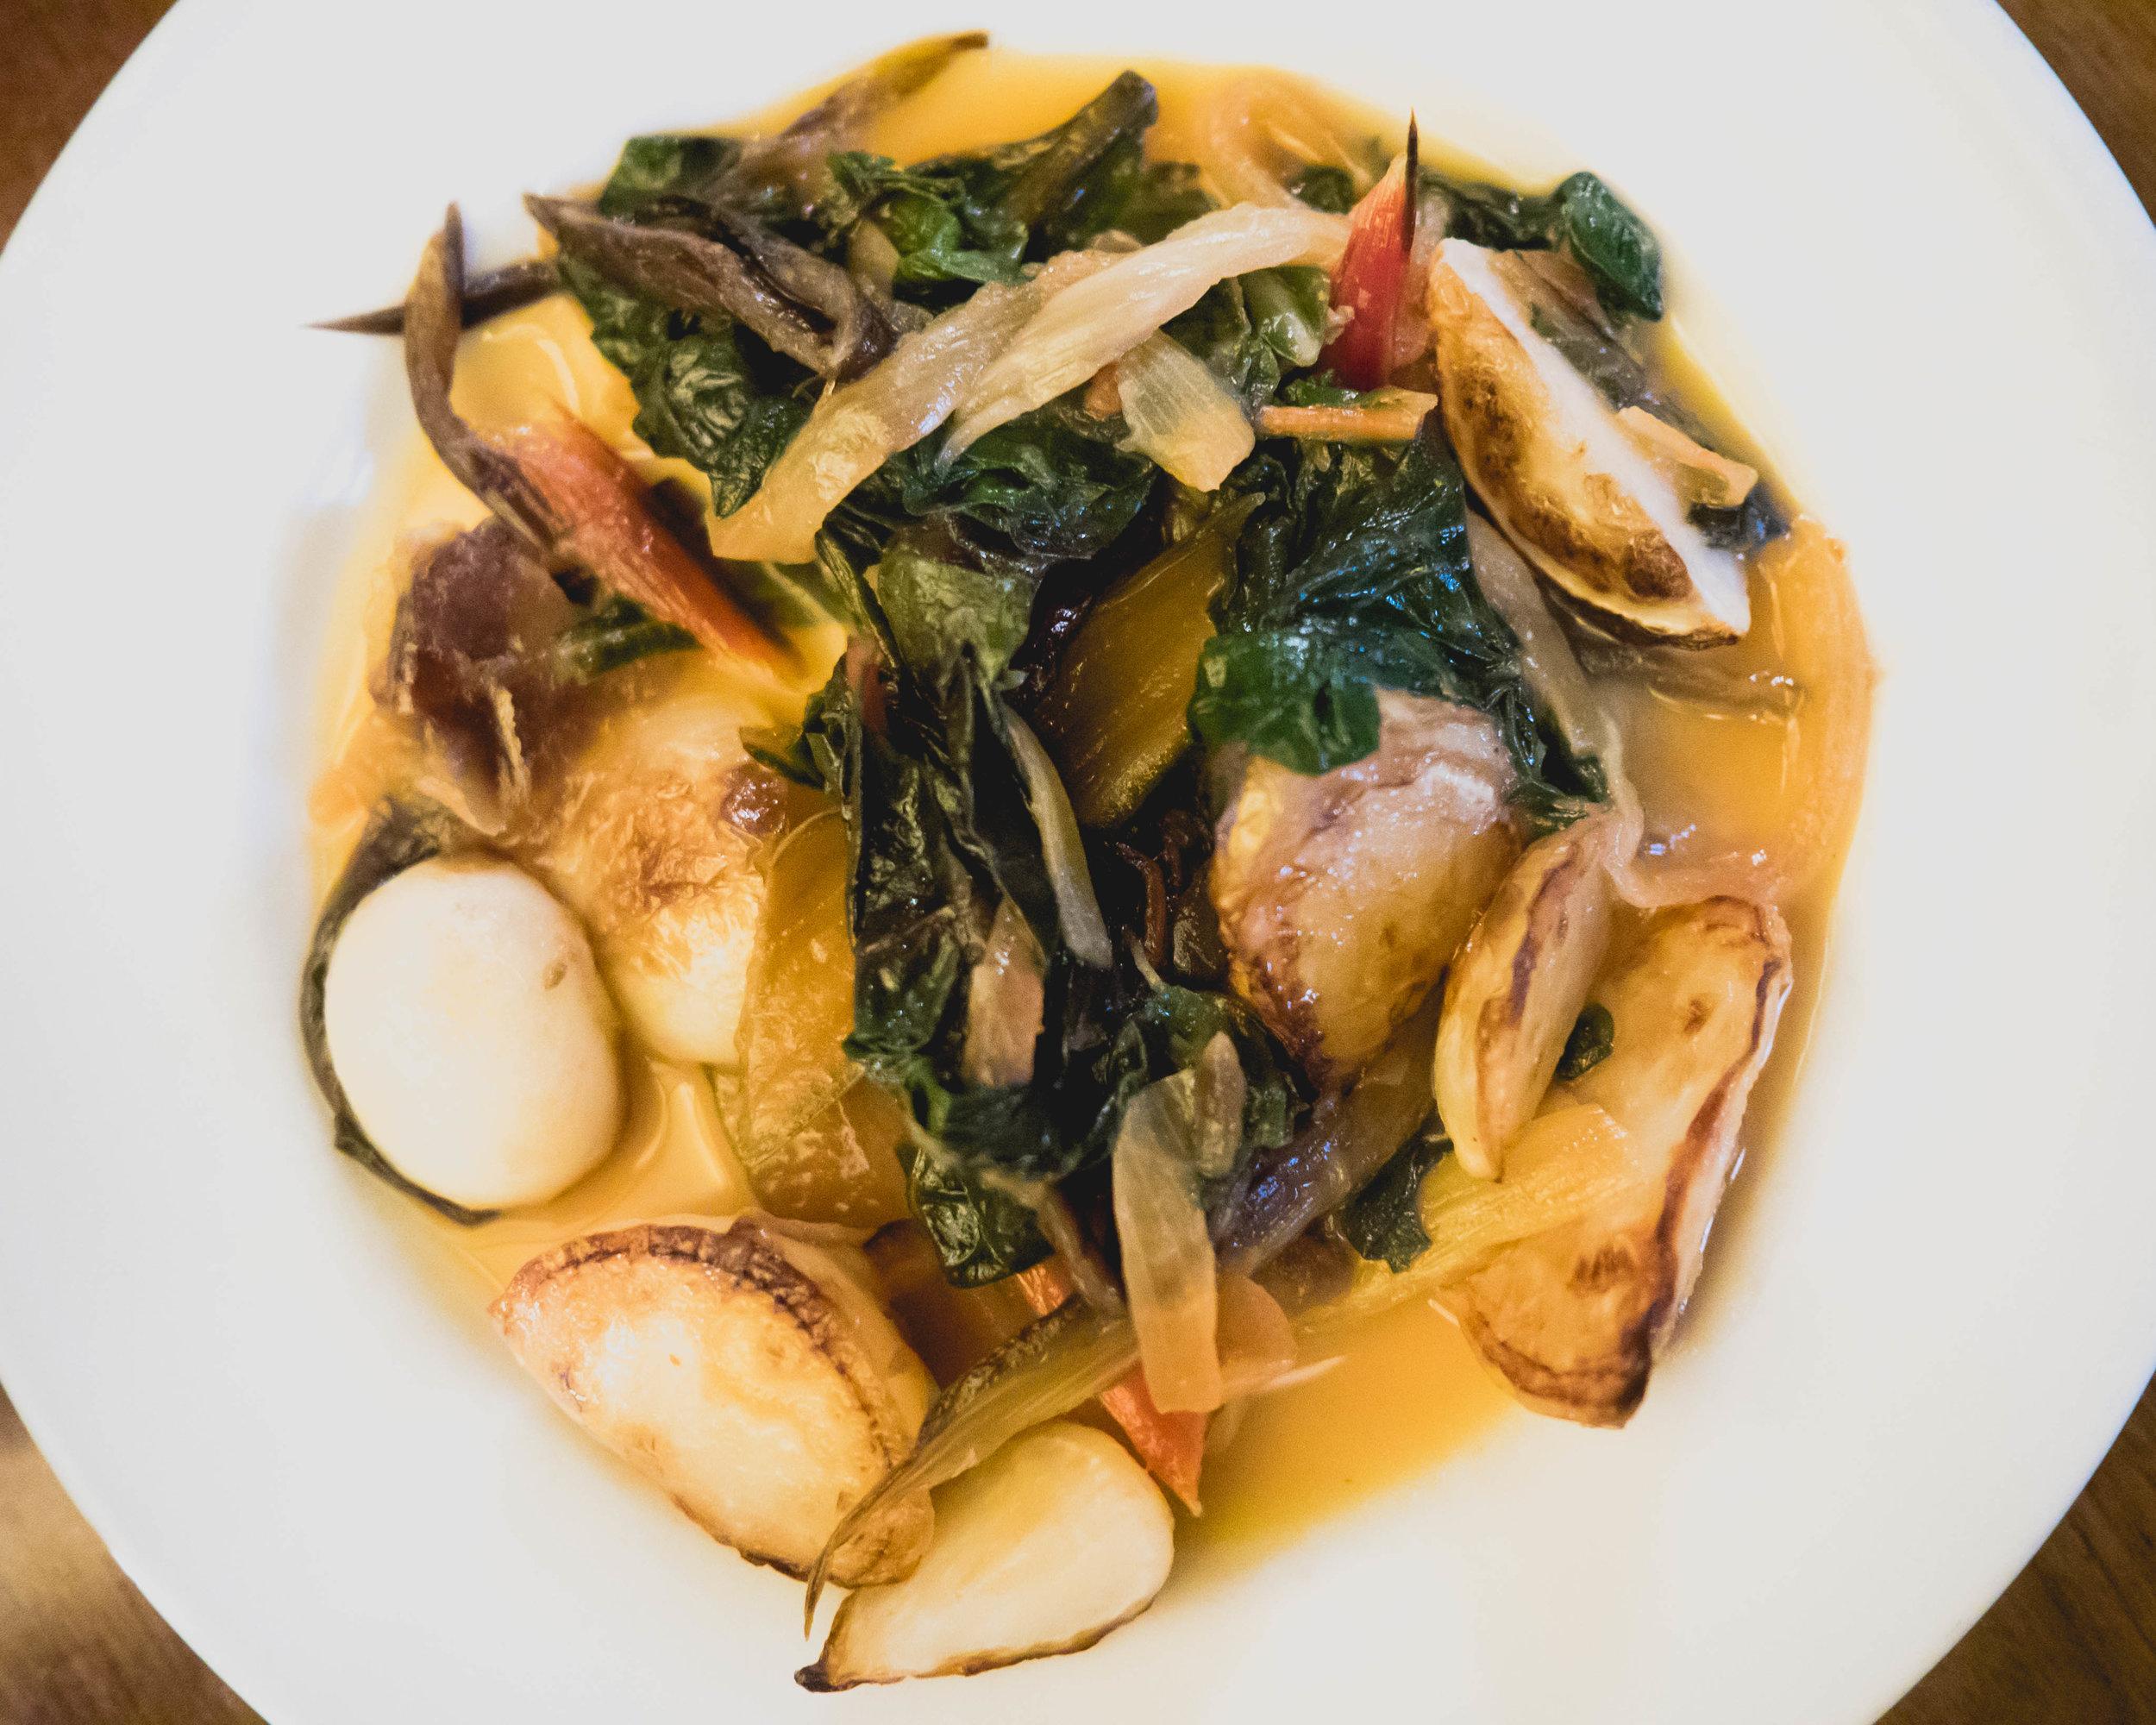 seared turnips, braised swiss chard, sherry vinegar.